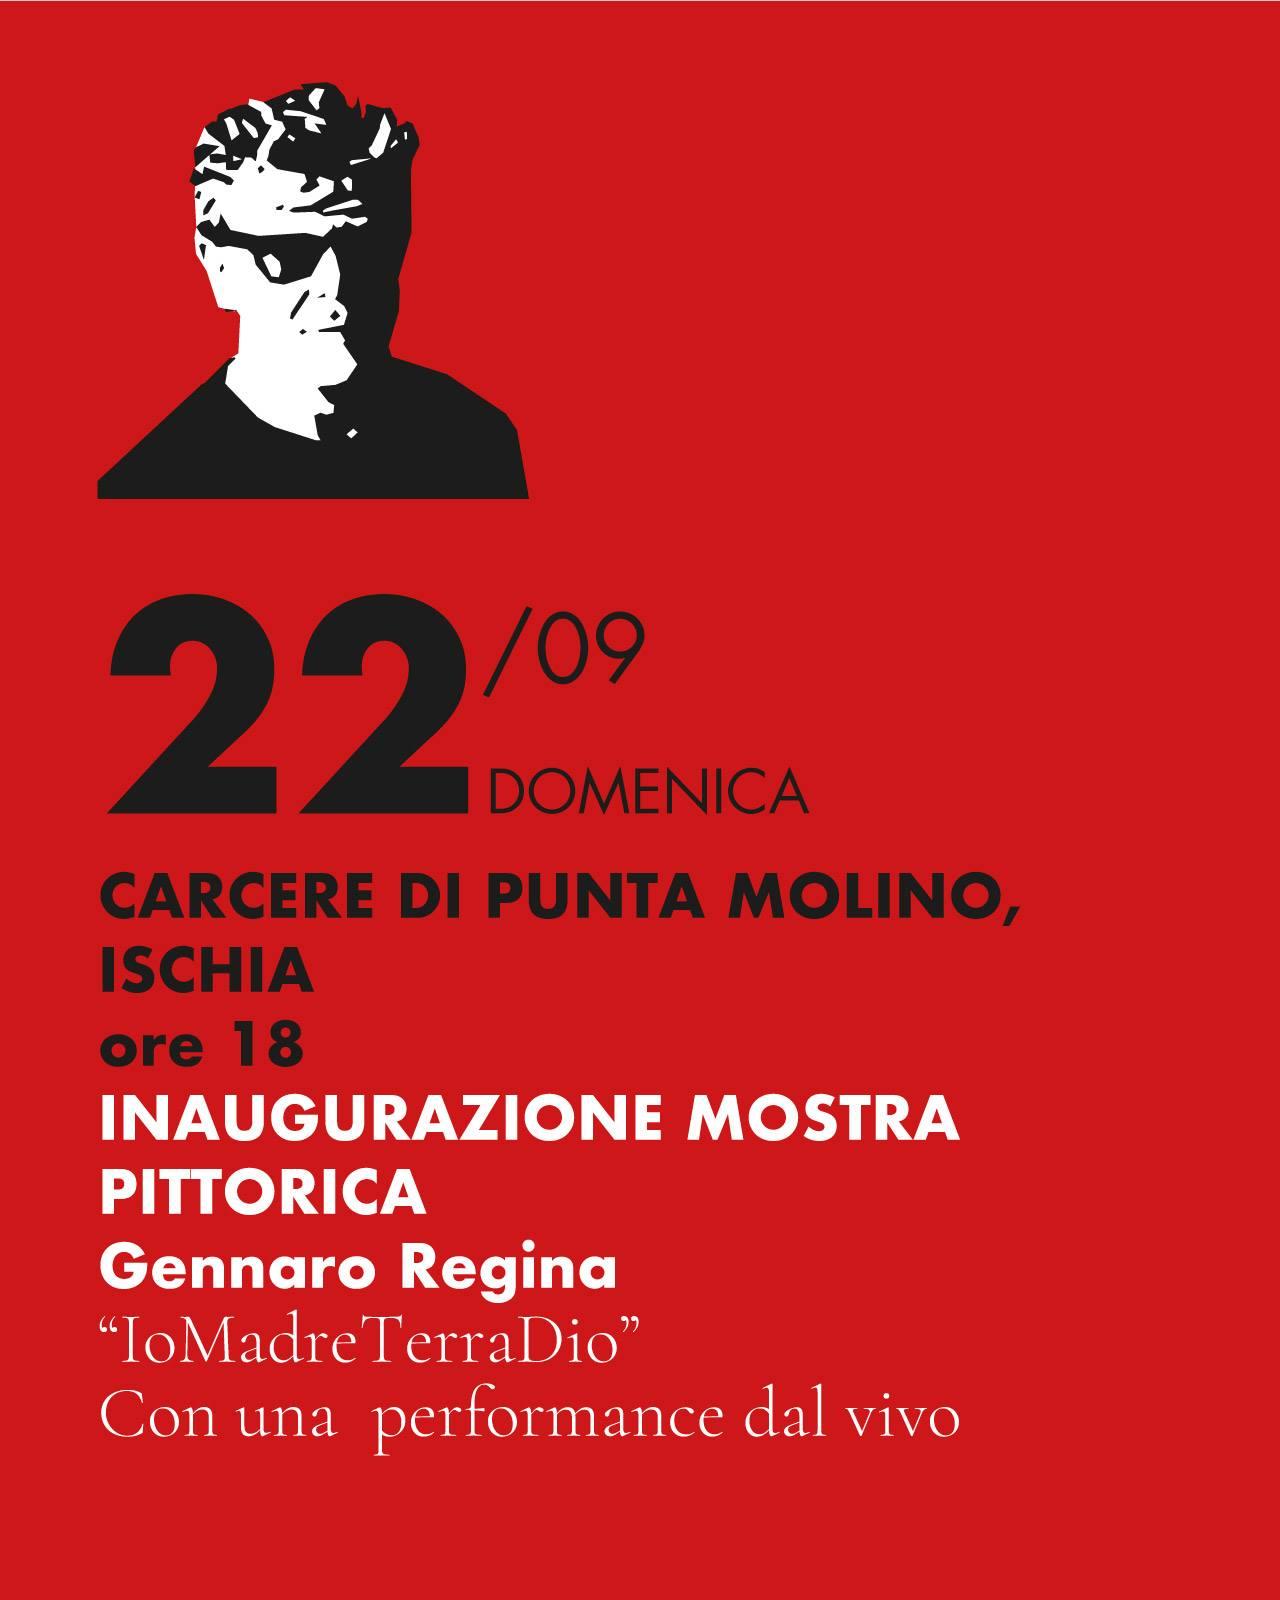 """Gennaro Regina Inaugura """"IoMadreTerraDio"""" A Ischia"""